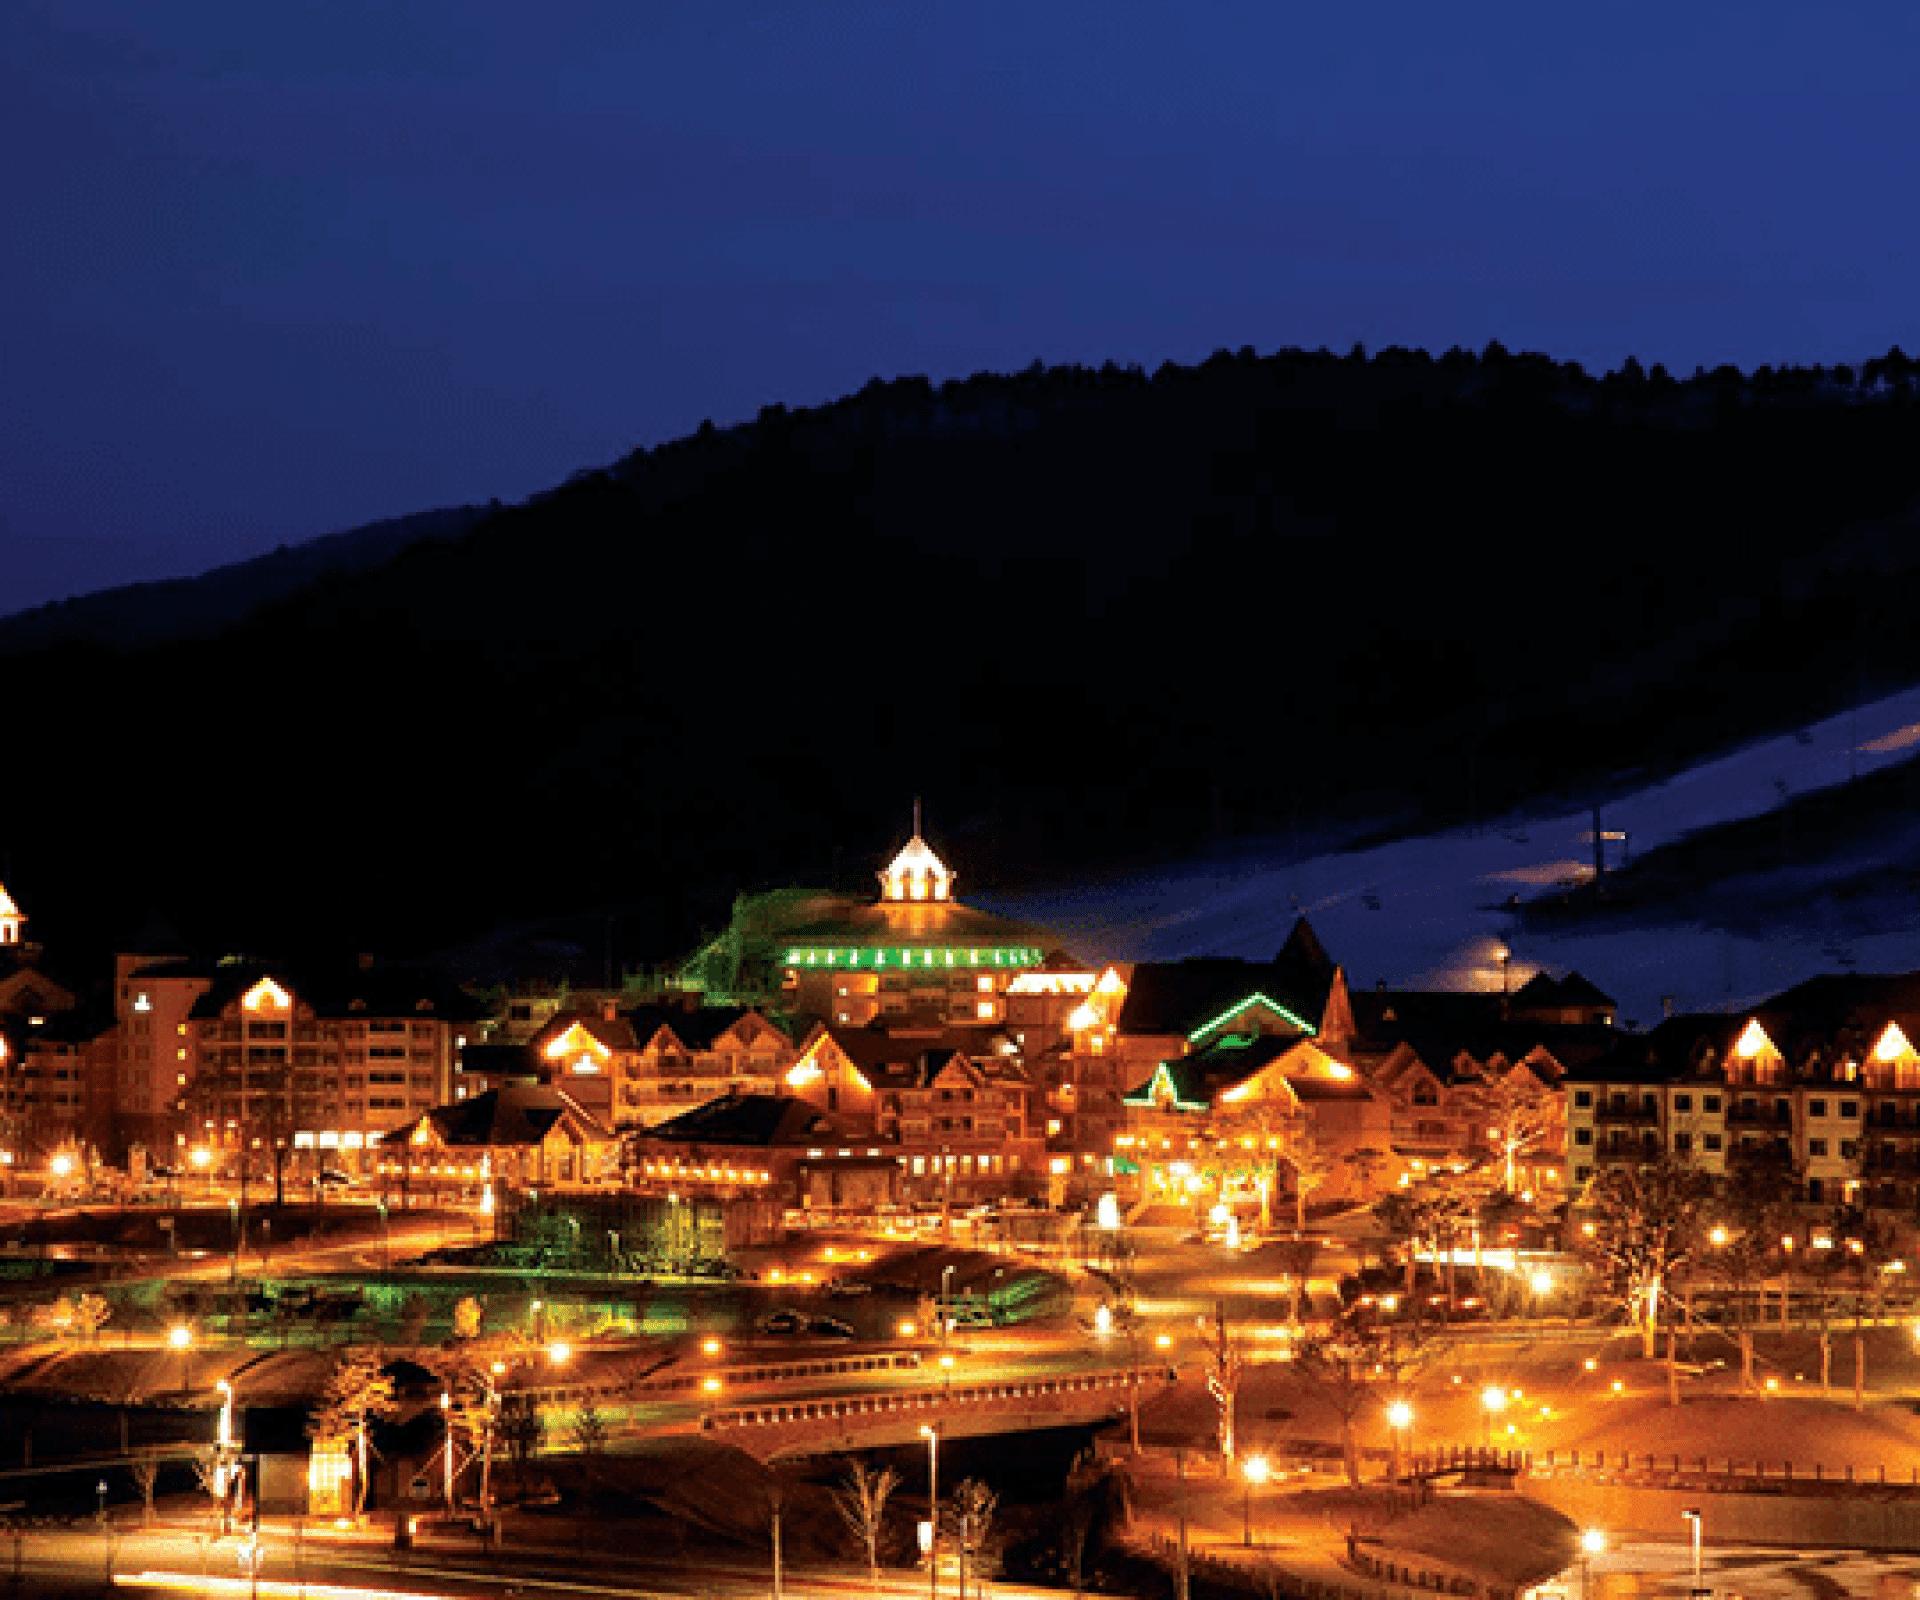 Alpensia Casino | Pyeongchang-gun, Gangwon-do